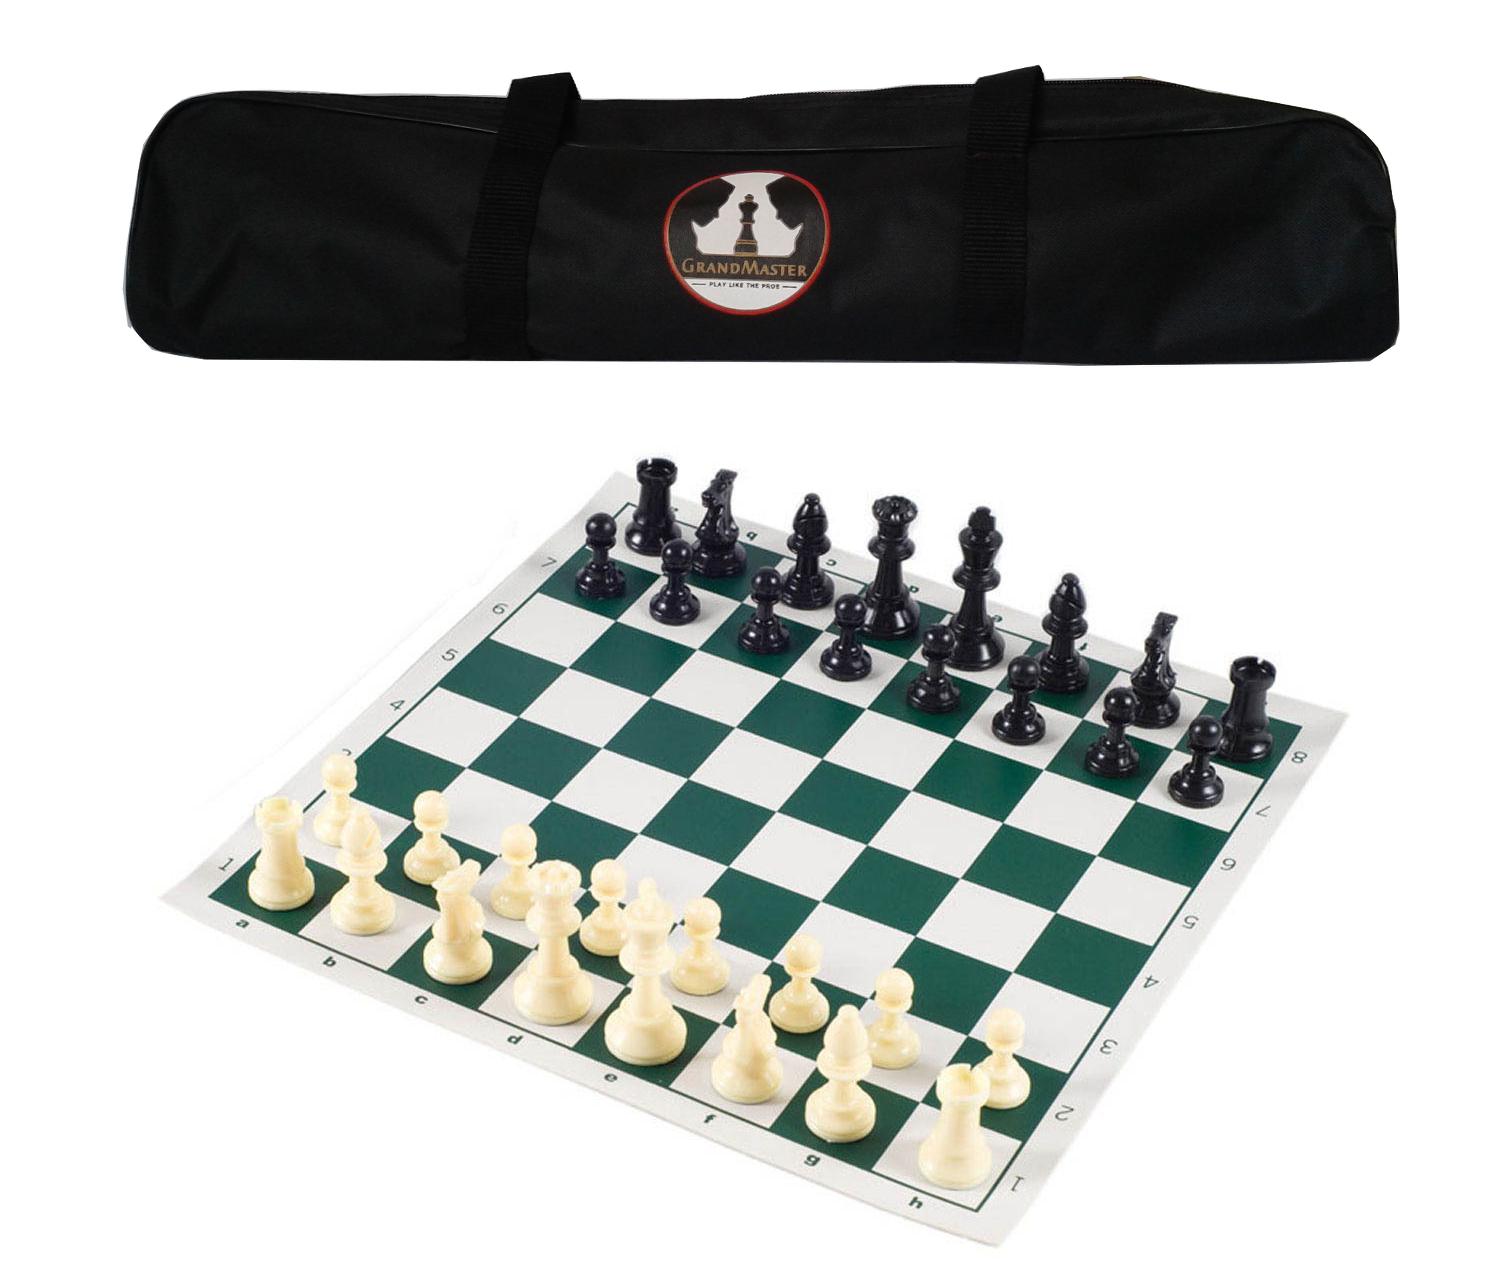 GrandMaster Chess Set Tournament Portable